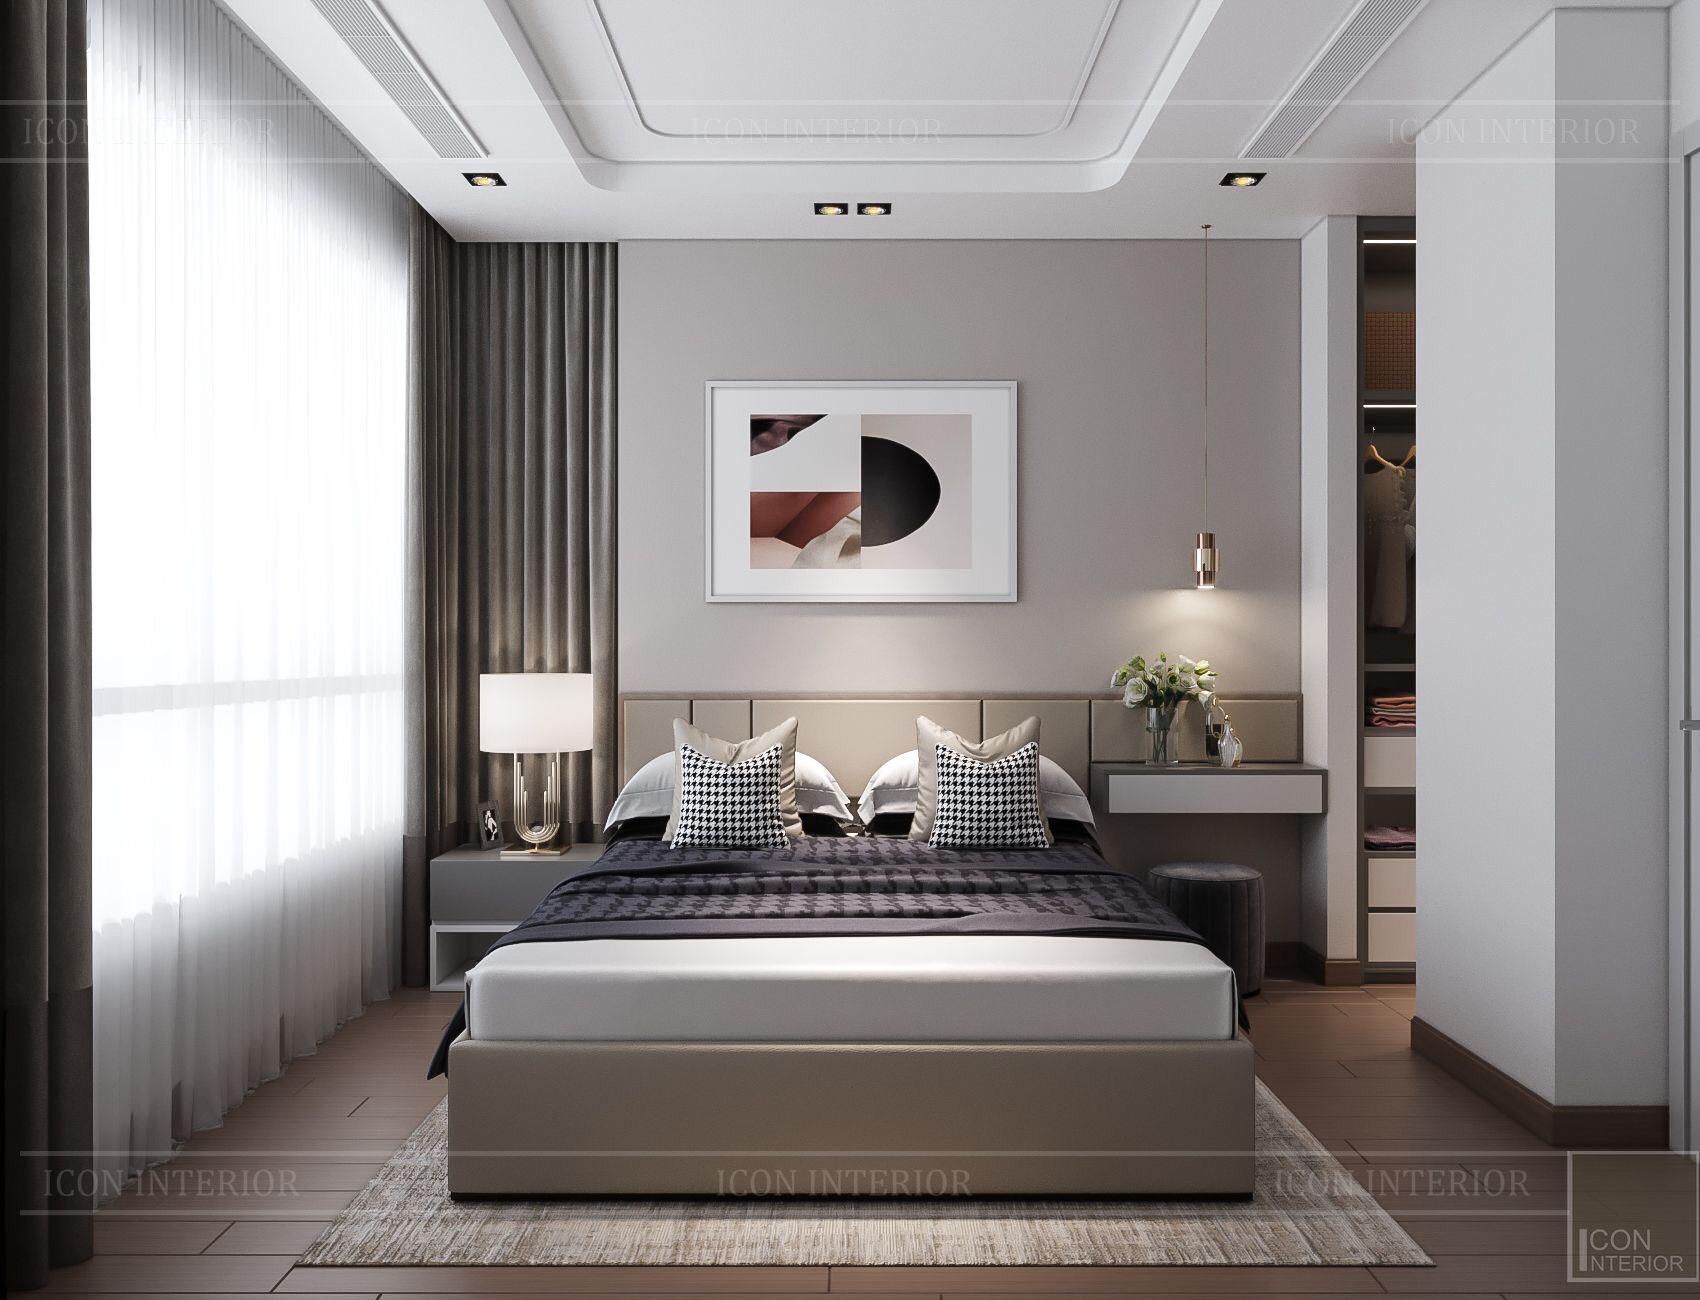 thiết kế nội thất chung cư kingdom 101 - phòng ngủ master